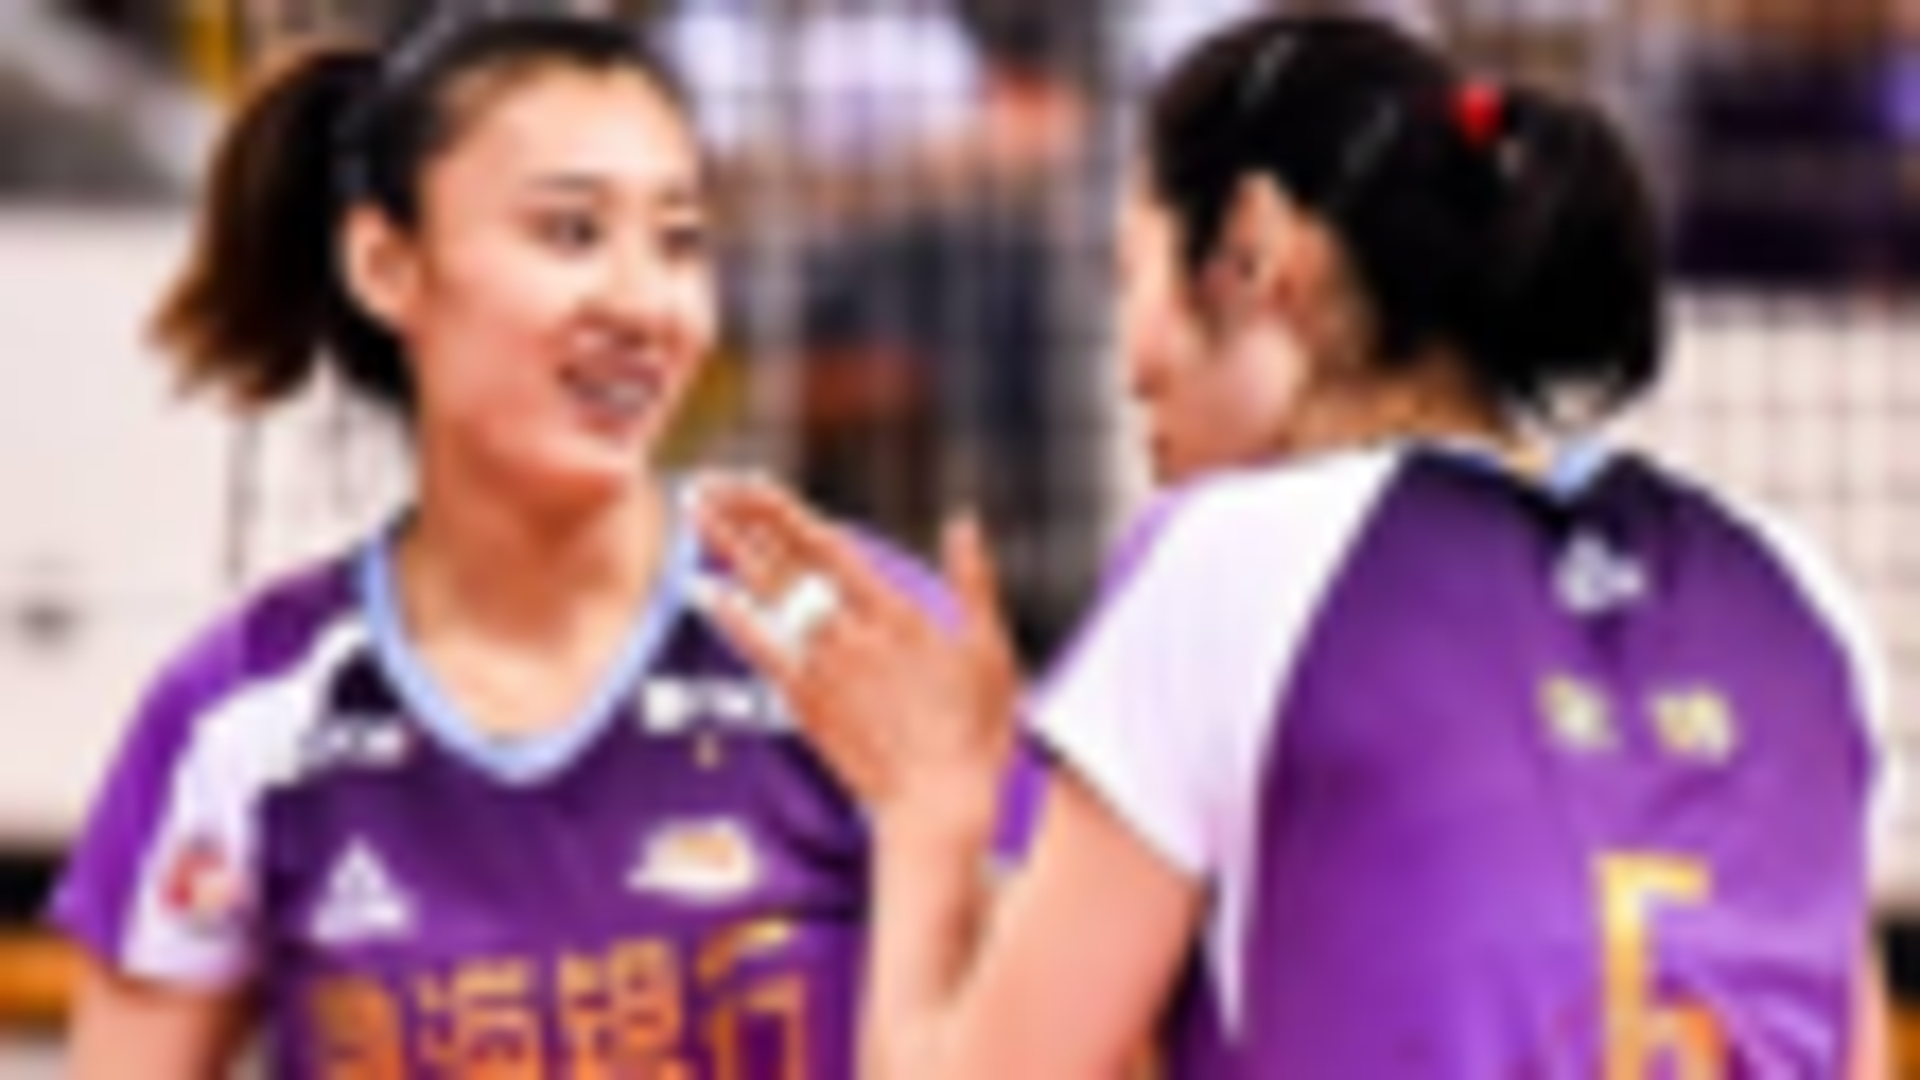 排超联赛迎来八强赛争夺,是否天津女排有了朱婷,冠军已失去悬念